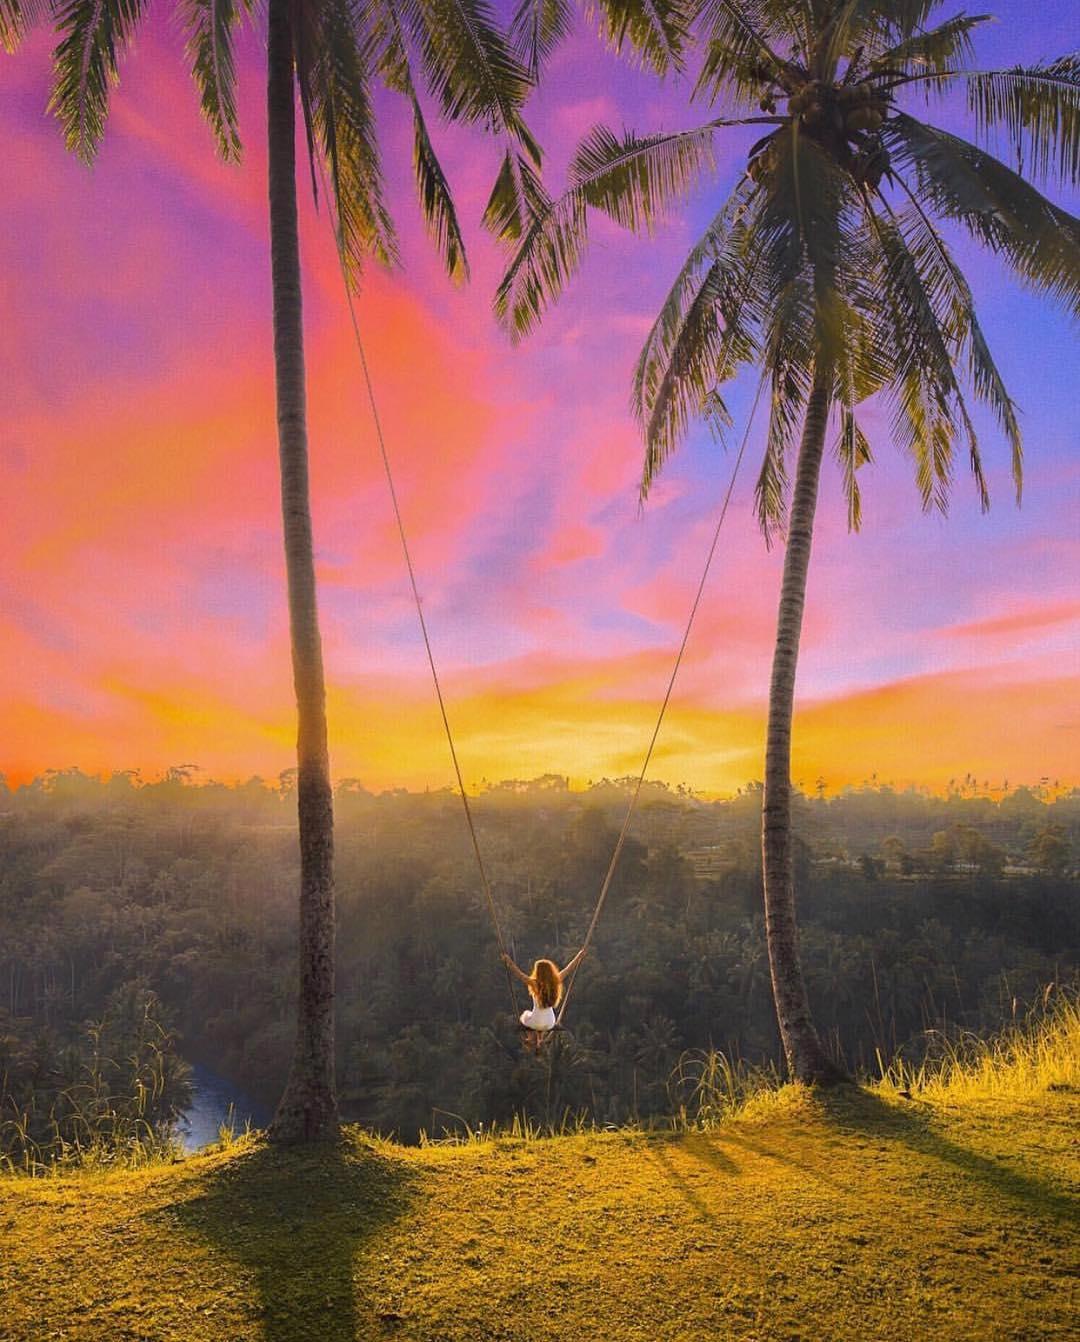 paisajes-hermosos-del-mundo10